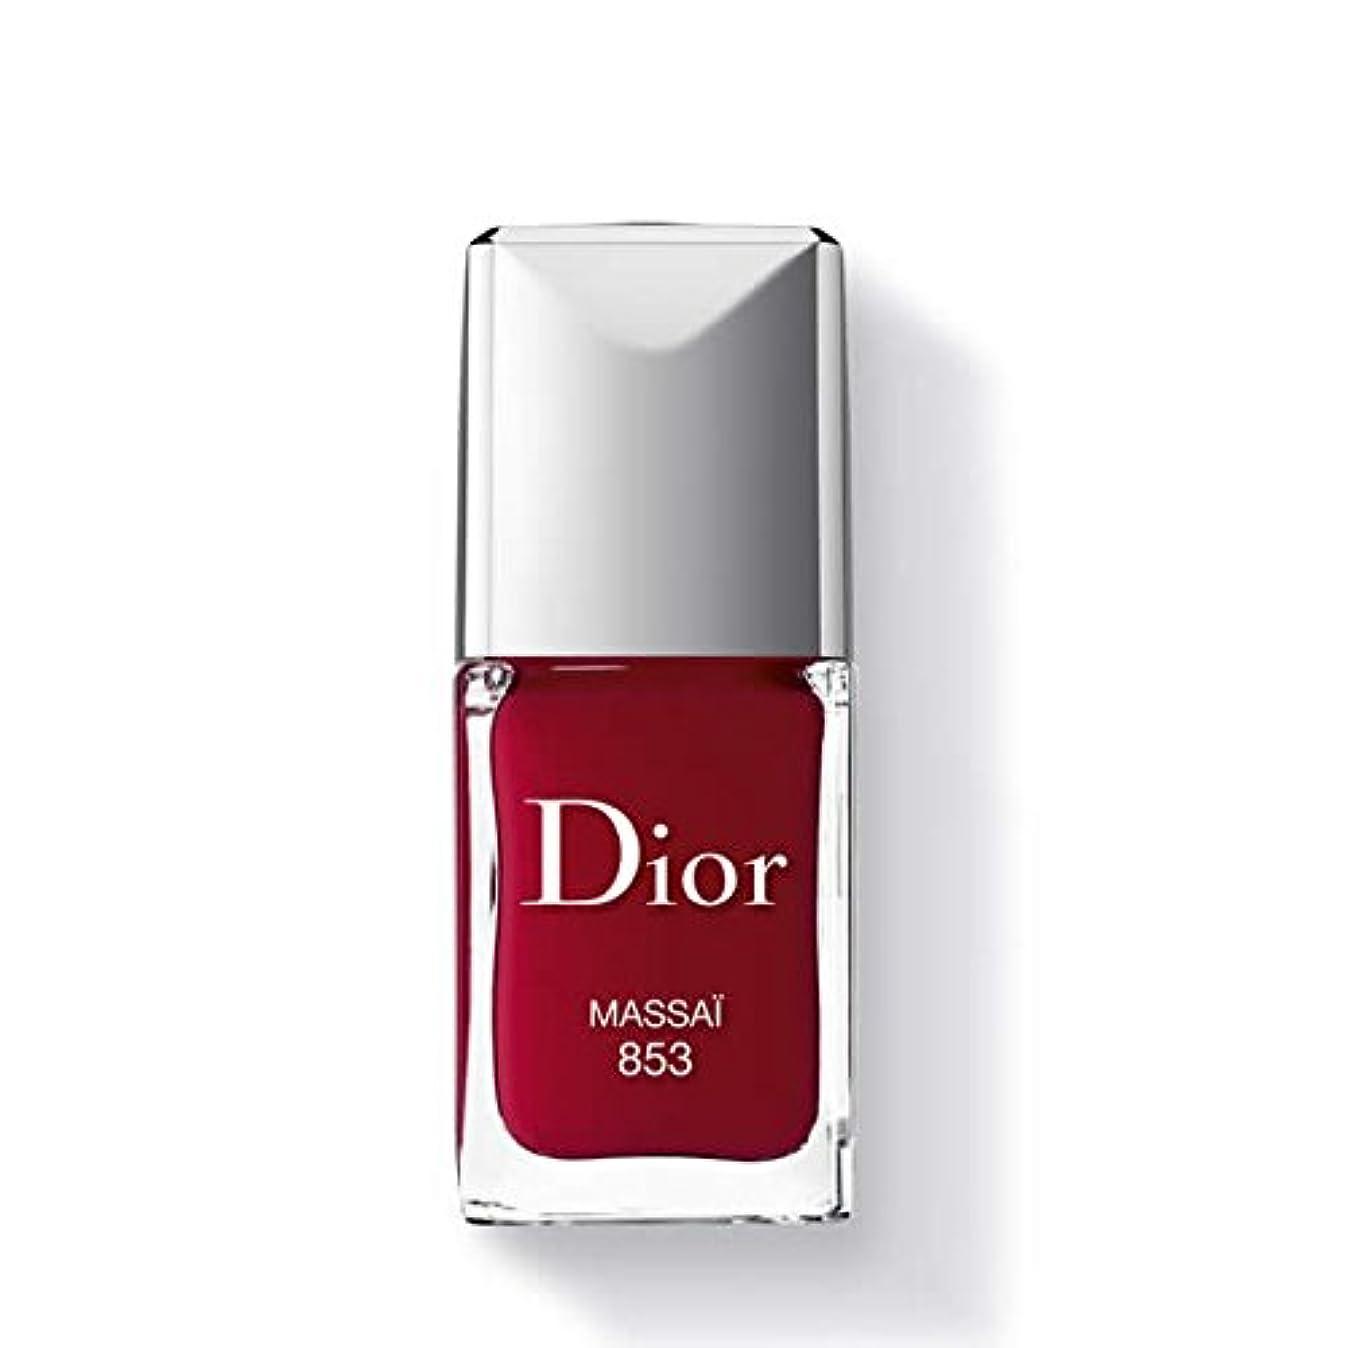 材料主婦十年Dior ディオールヴェルニ #853 マサイ 10ml [207997] [並行輸入品]